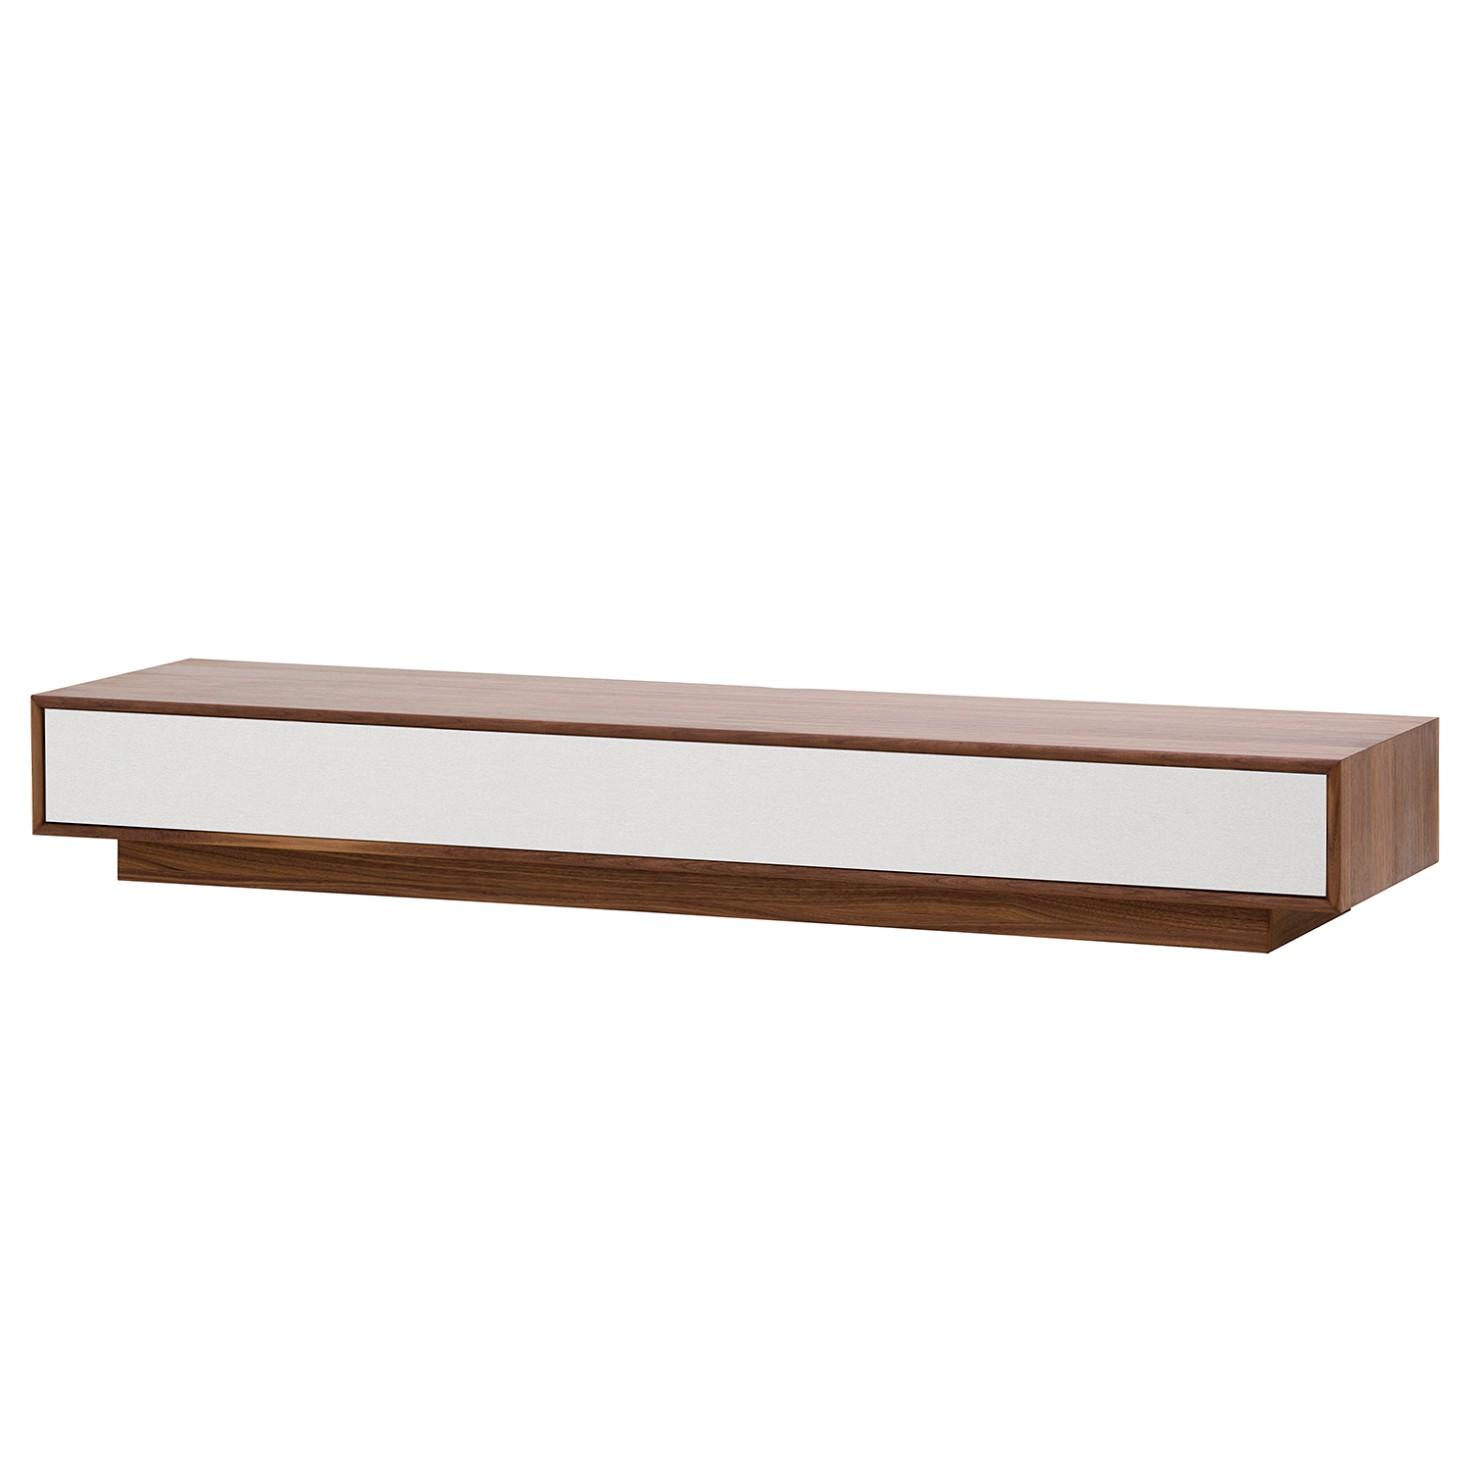 baltimore walnuss lowboard preisvergleich die besten angebote online kaufen. Black Bedroom Furniture Sets. Home Design Ideas